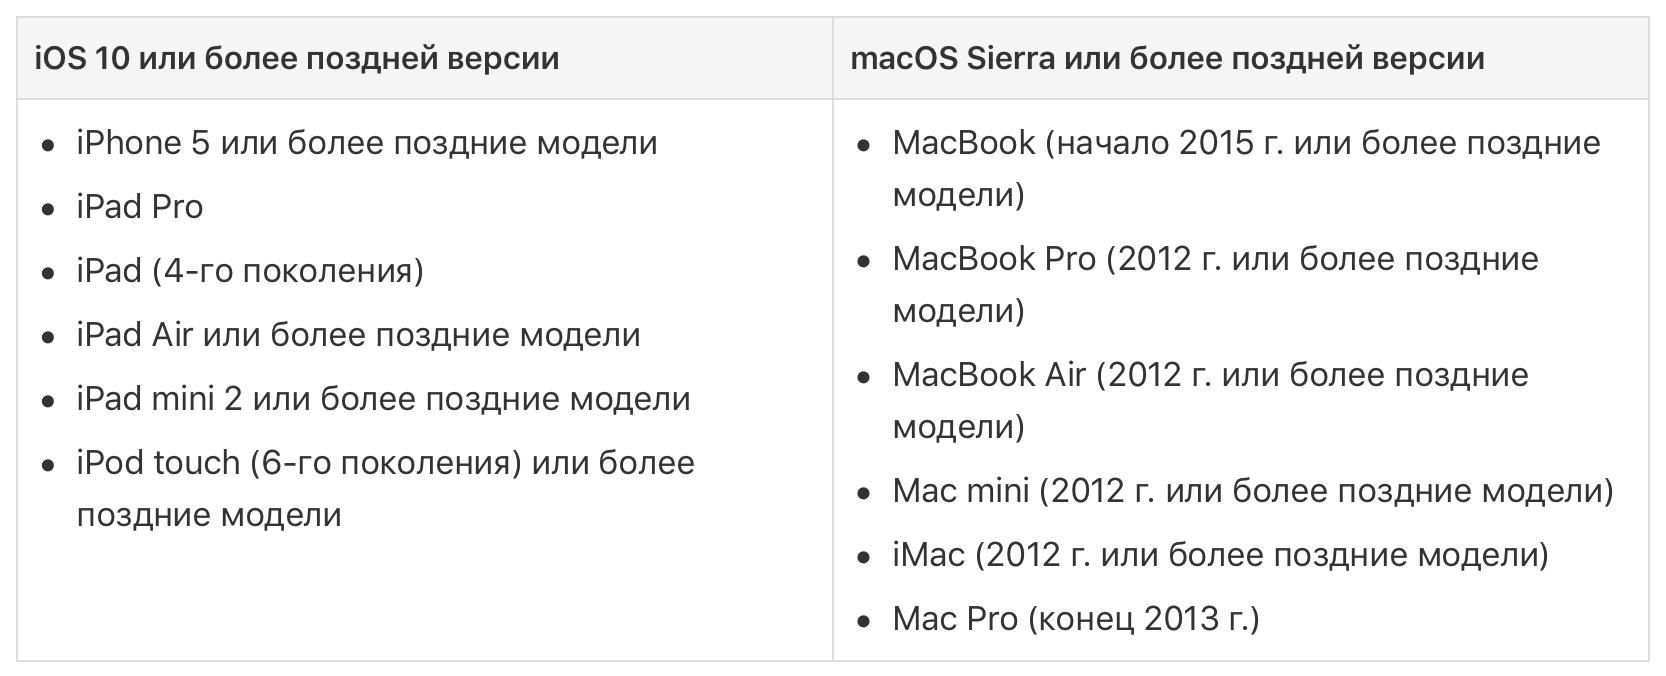 универсальный буфер обмена mac